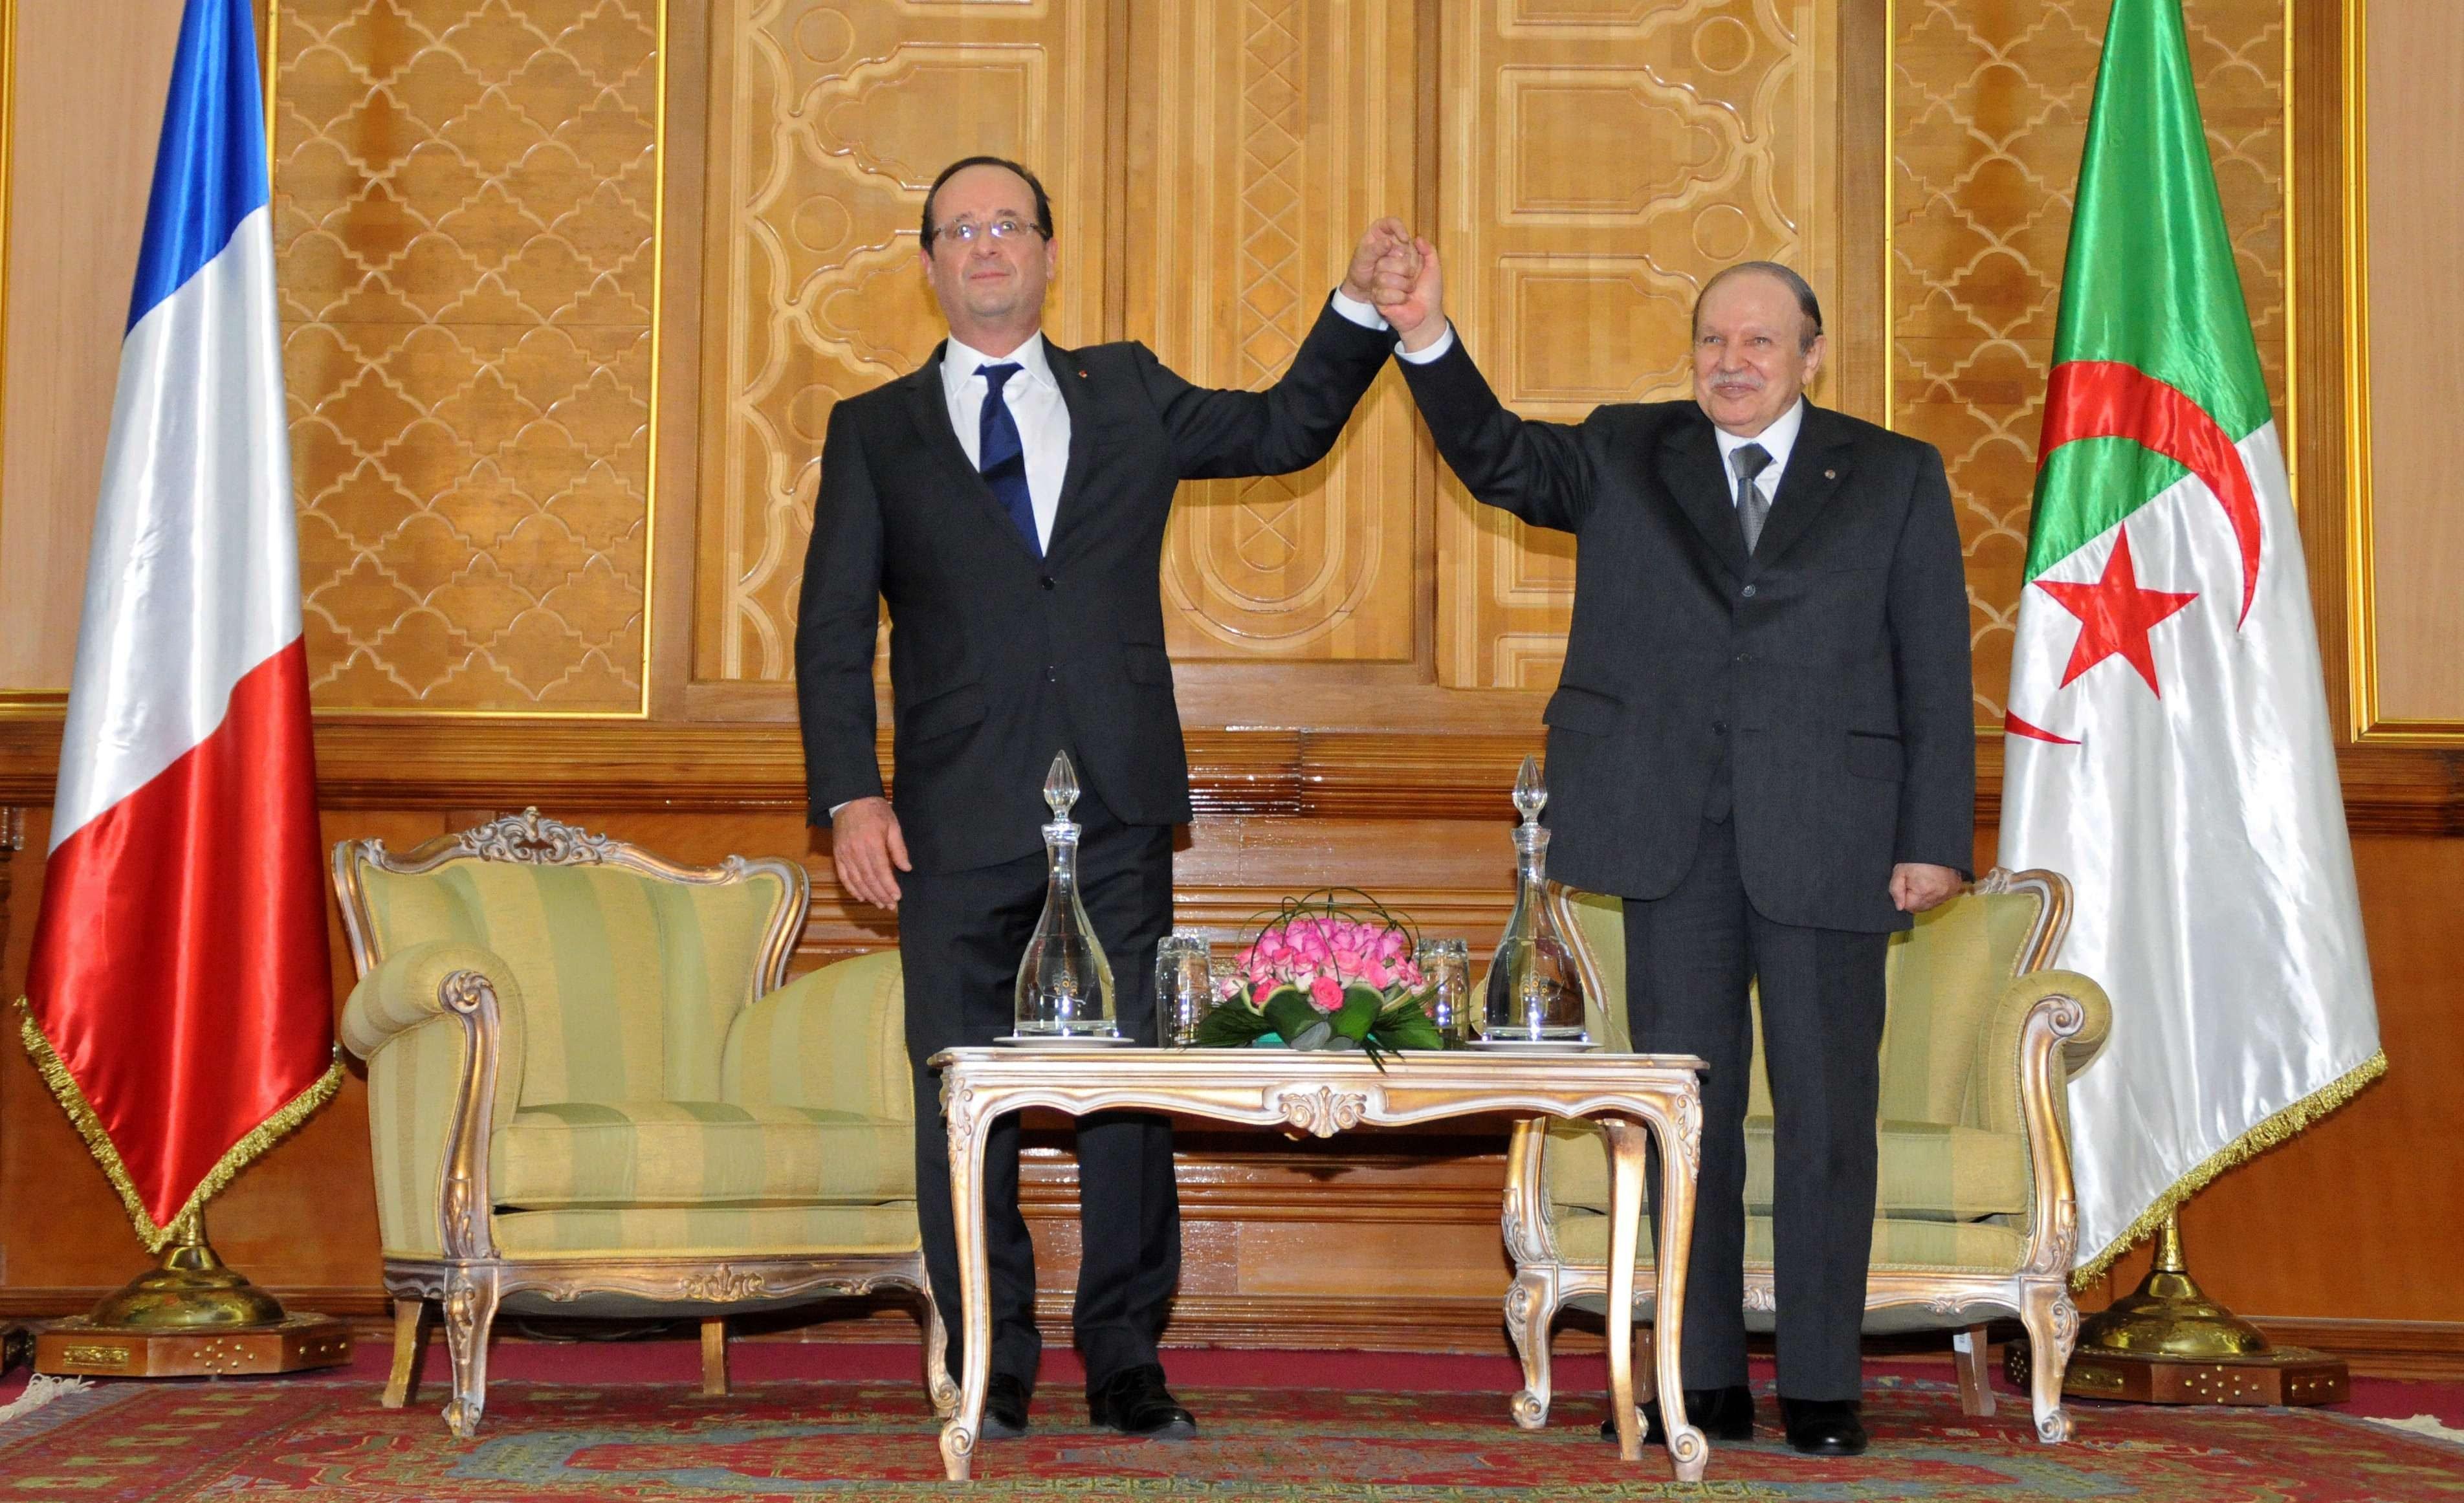 Abdelaziz Bouteflika (à dr.) et François Hollande à Tlemcen, lors d'une visite du président français en Algérie en 2012.